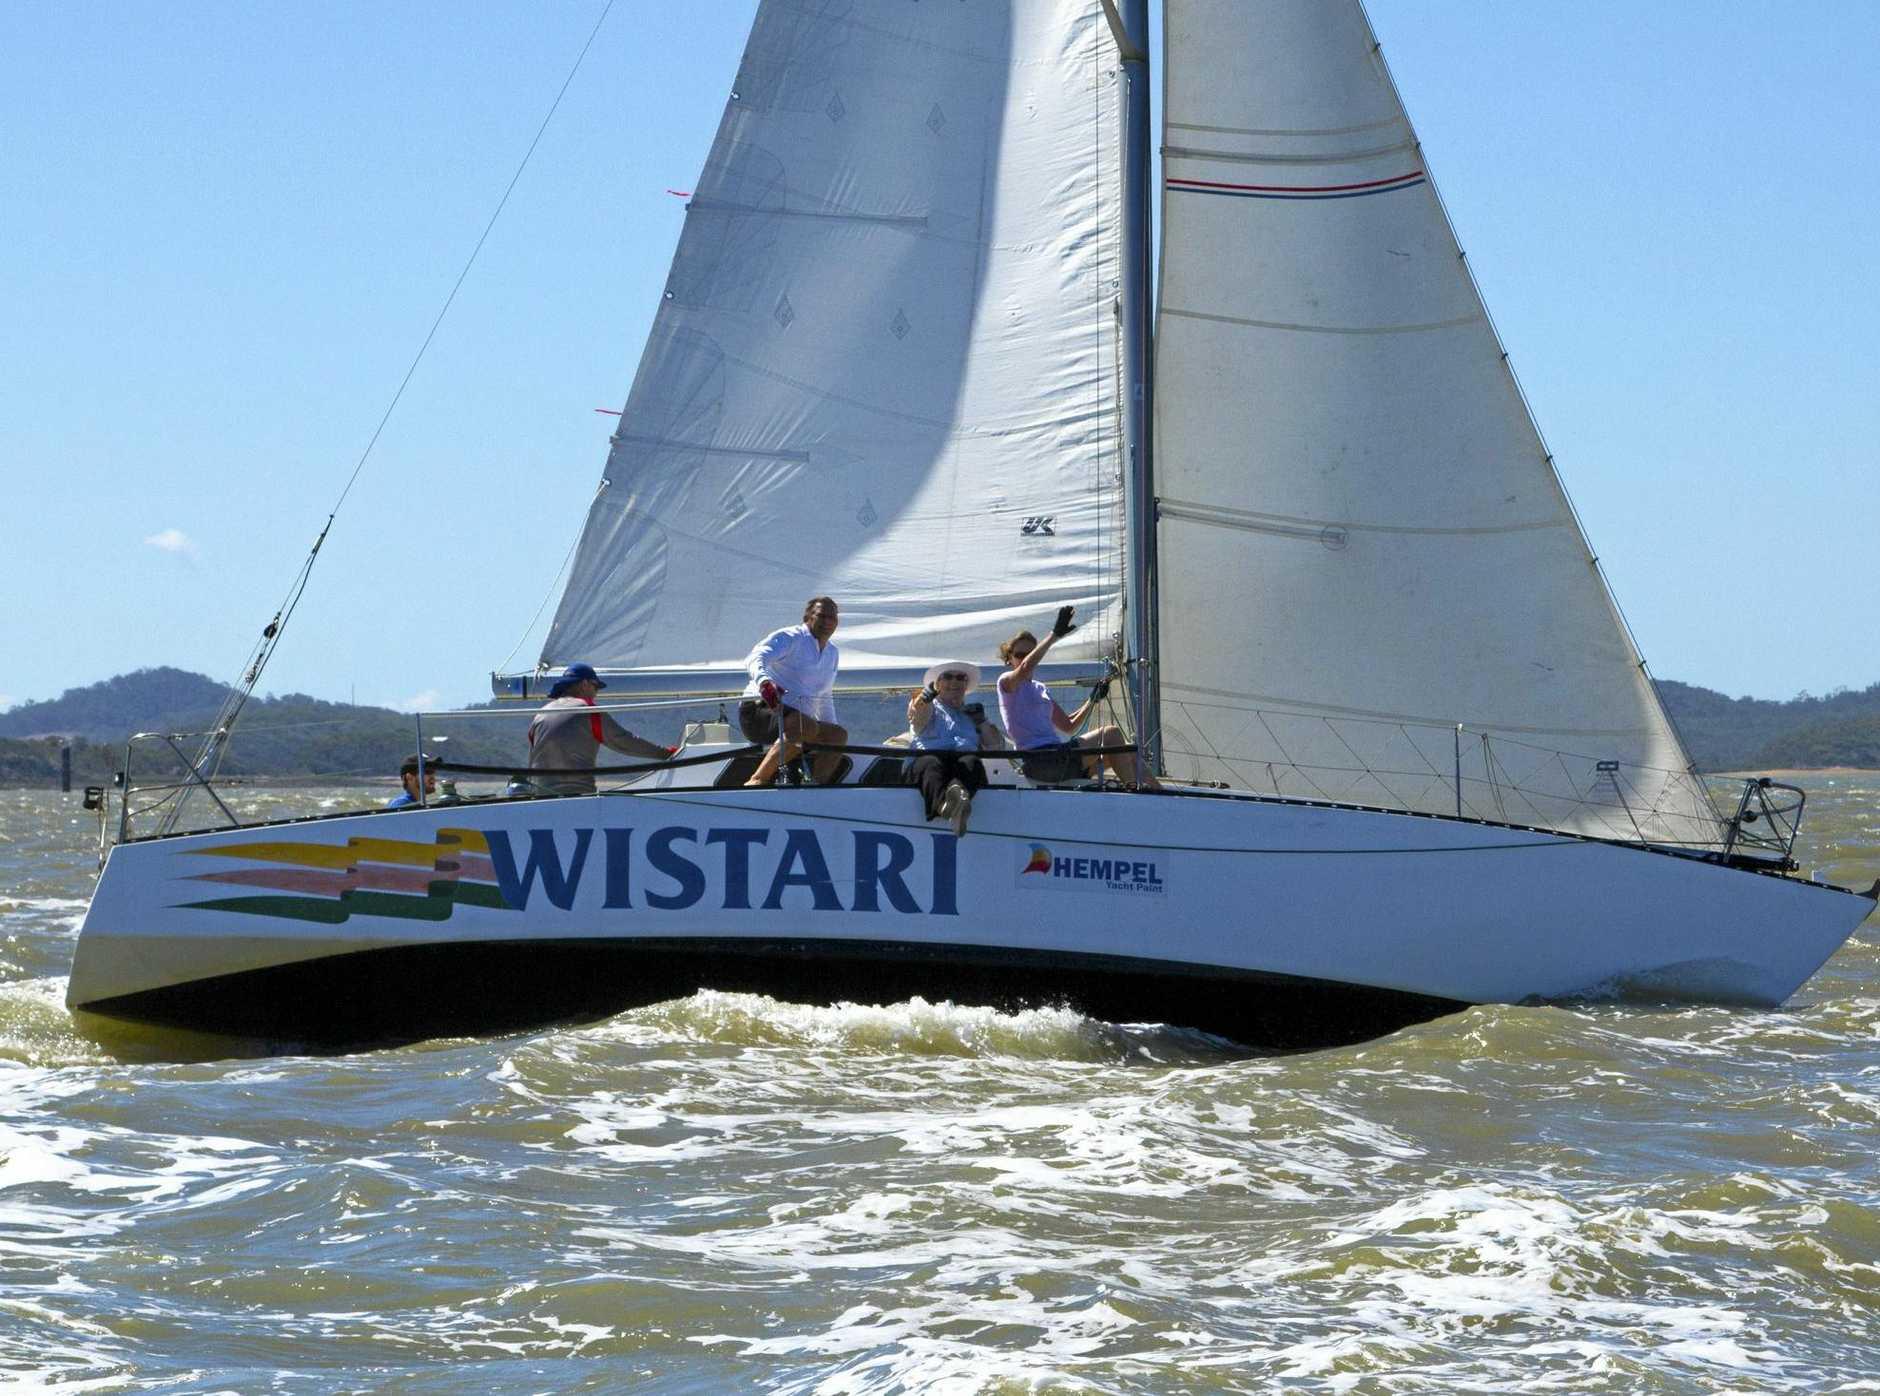 Happy 50th for Wistari